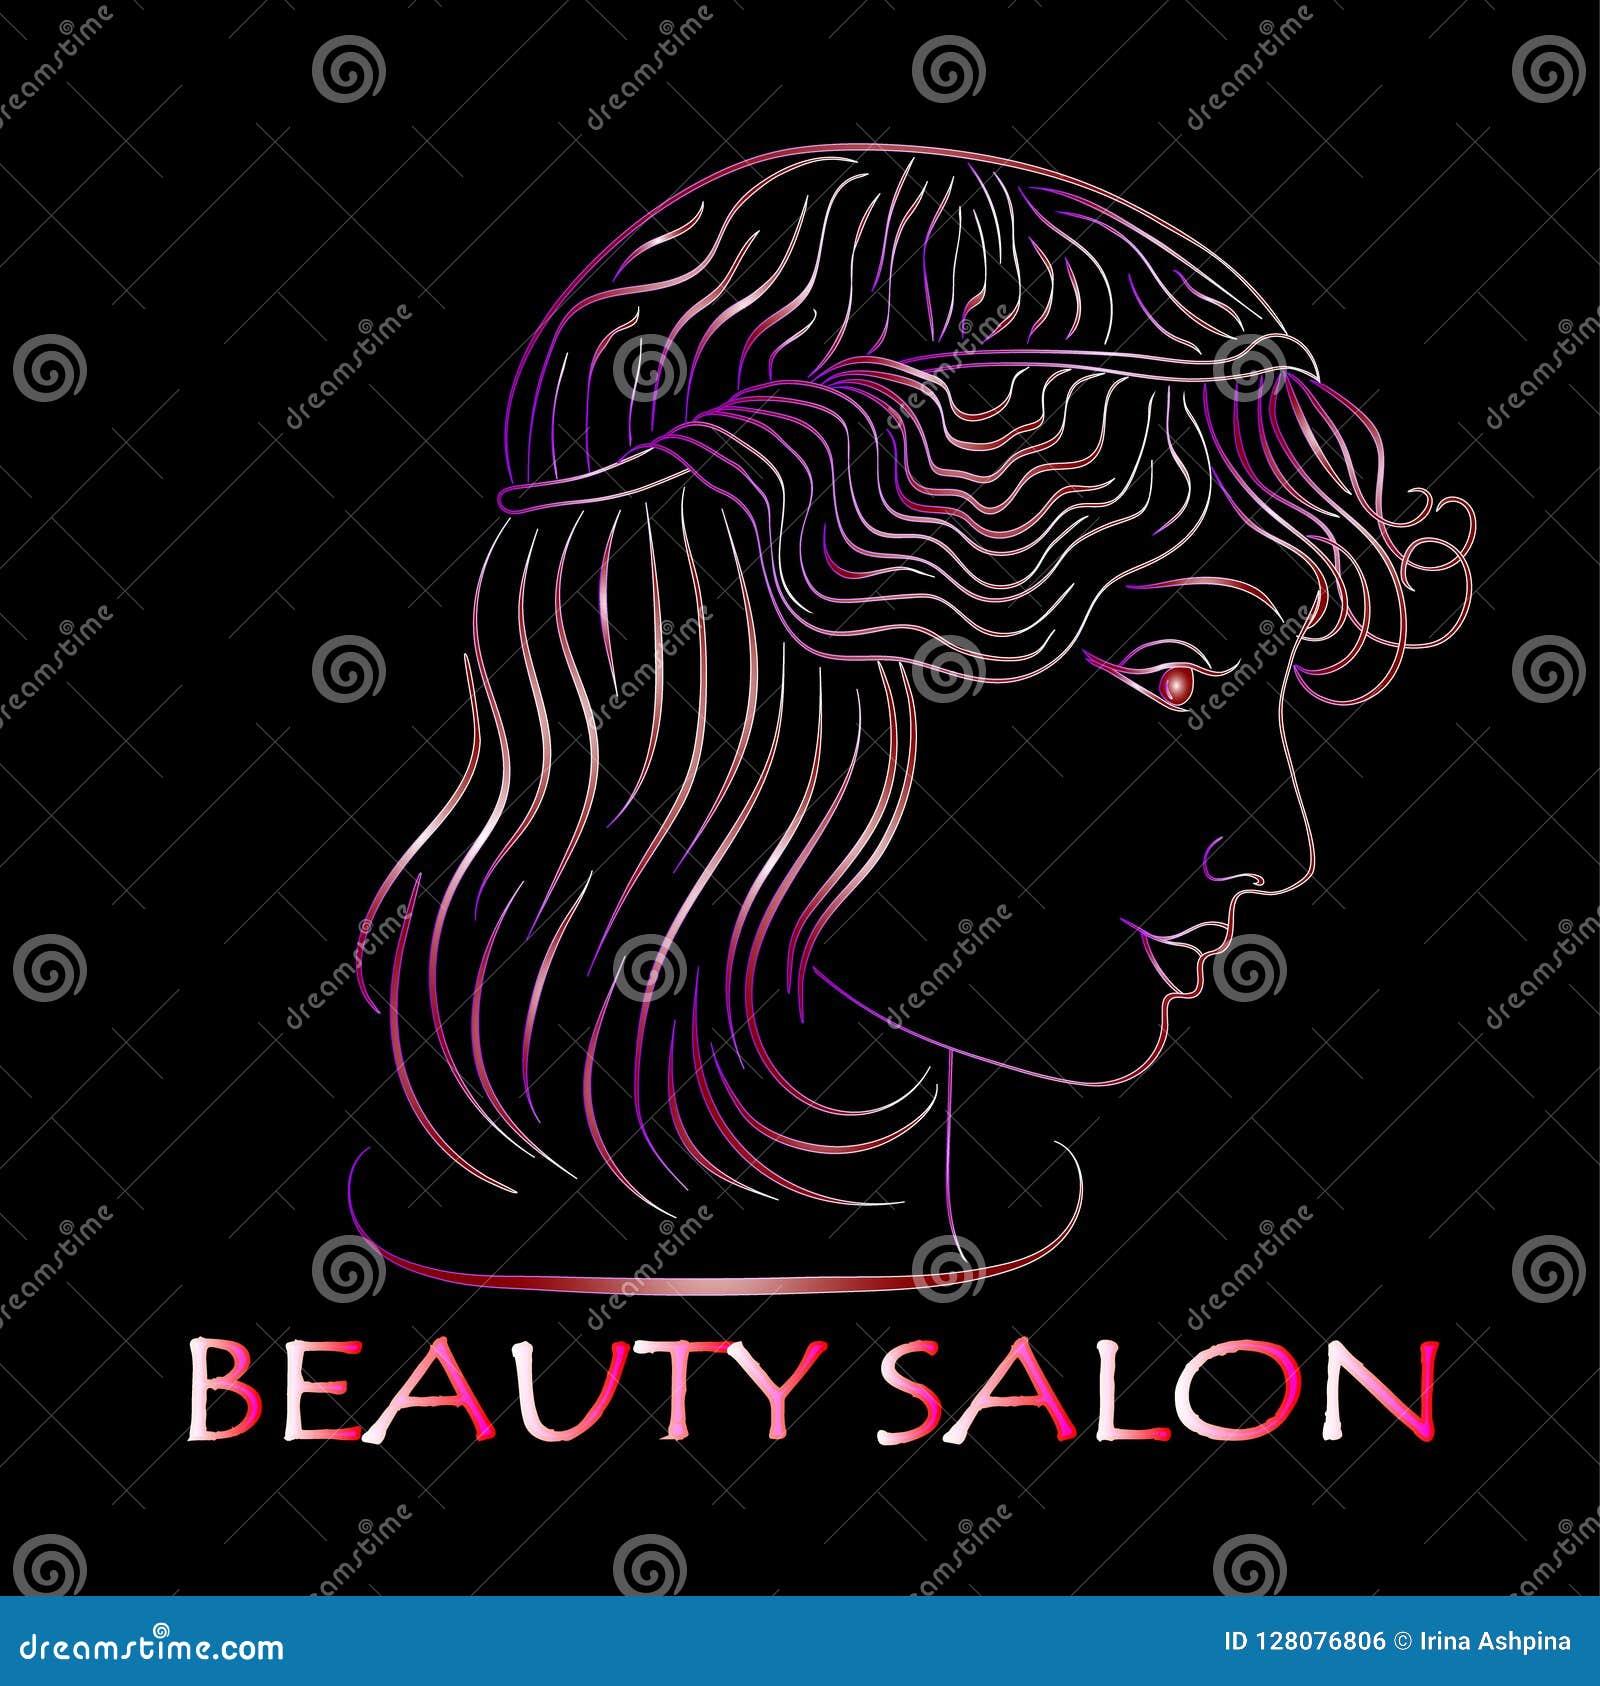 Σαλόνι ομορφιάς, σχεδιάγραμμα κοριτσιών νέου, διάνυσμα